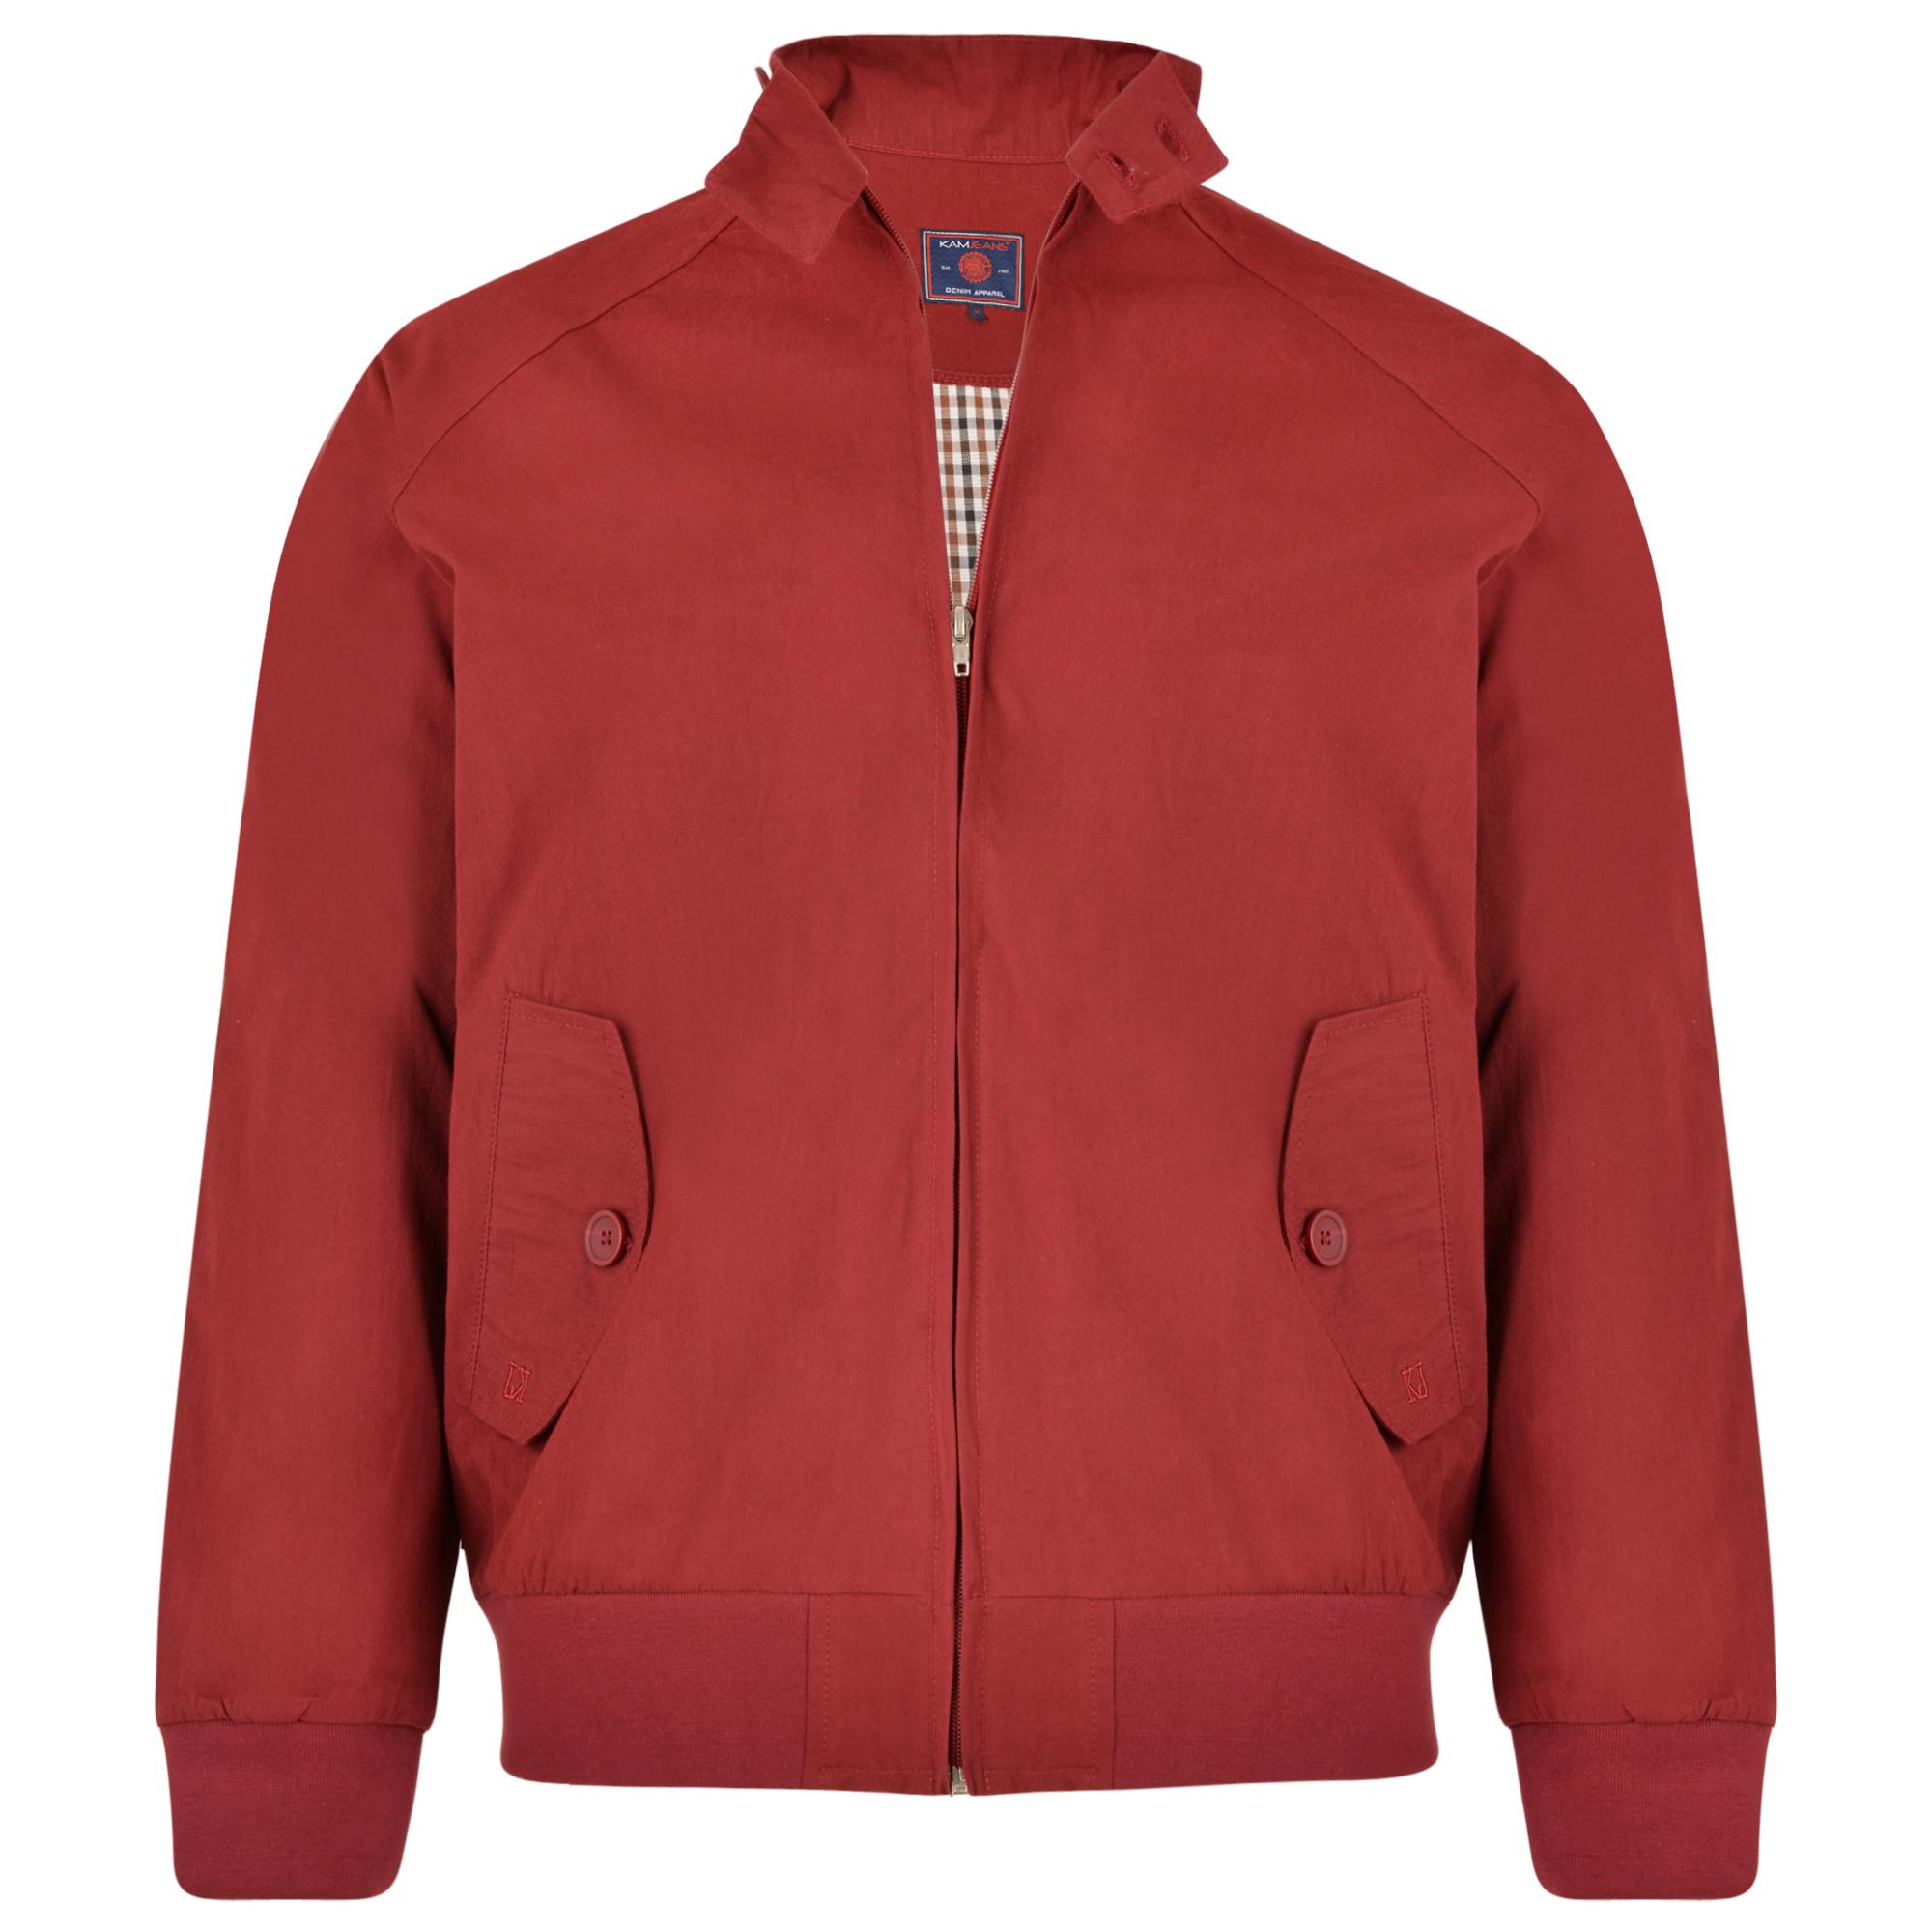 """Jack """"Harrington"""" van merk KAM Jeanswear in de kleur burgundy, gemaakt van 100% katoen, met twee steekzakken afsluitbaar met een knoop. Doorlopende metalen rits, elastisch boord aan de onderkant en bij de mouwen. Twee knopen op de kraag."""